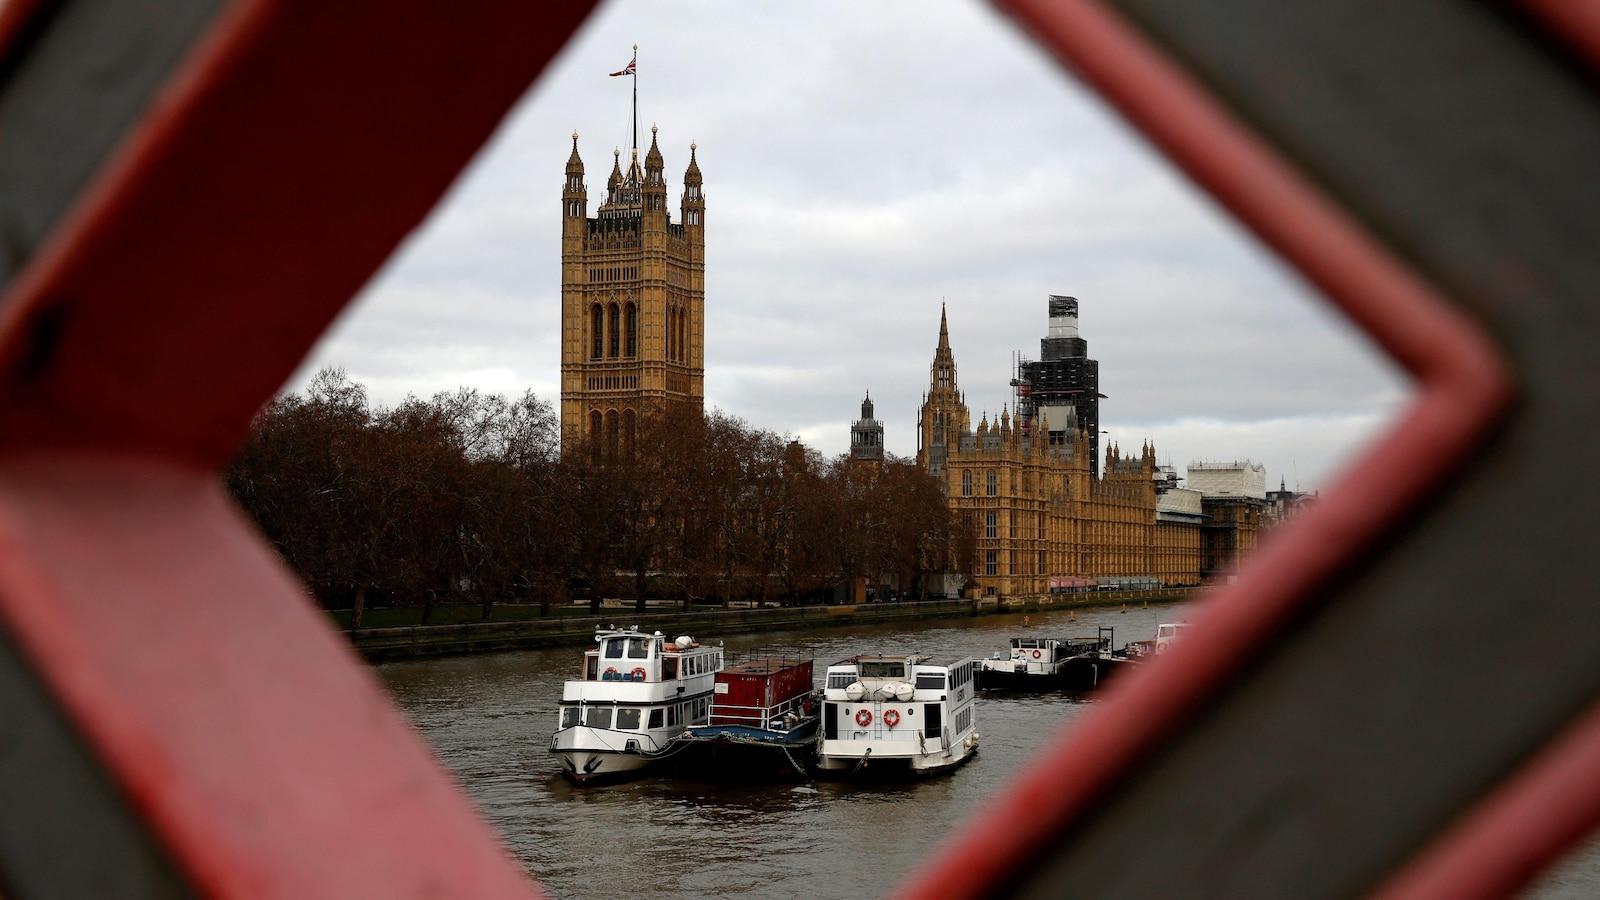 Une vue de loin du Parlement britannique.